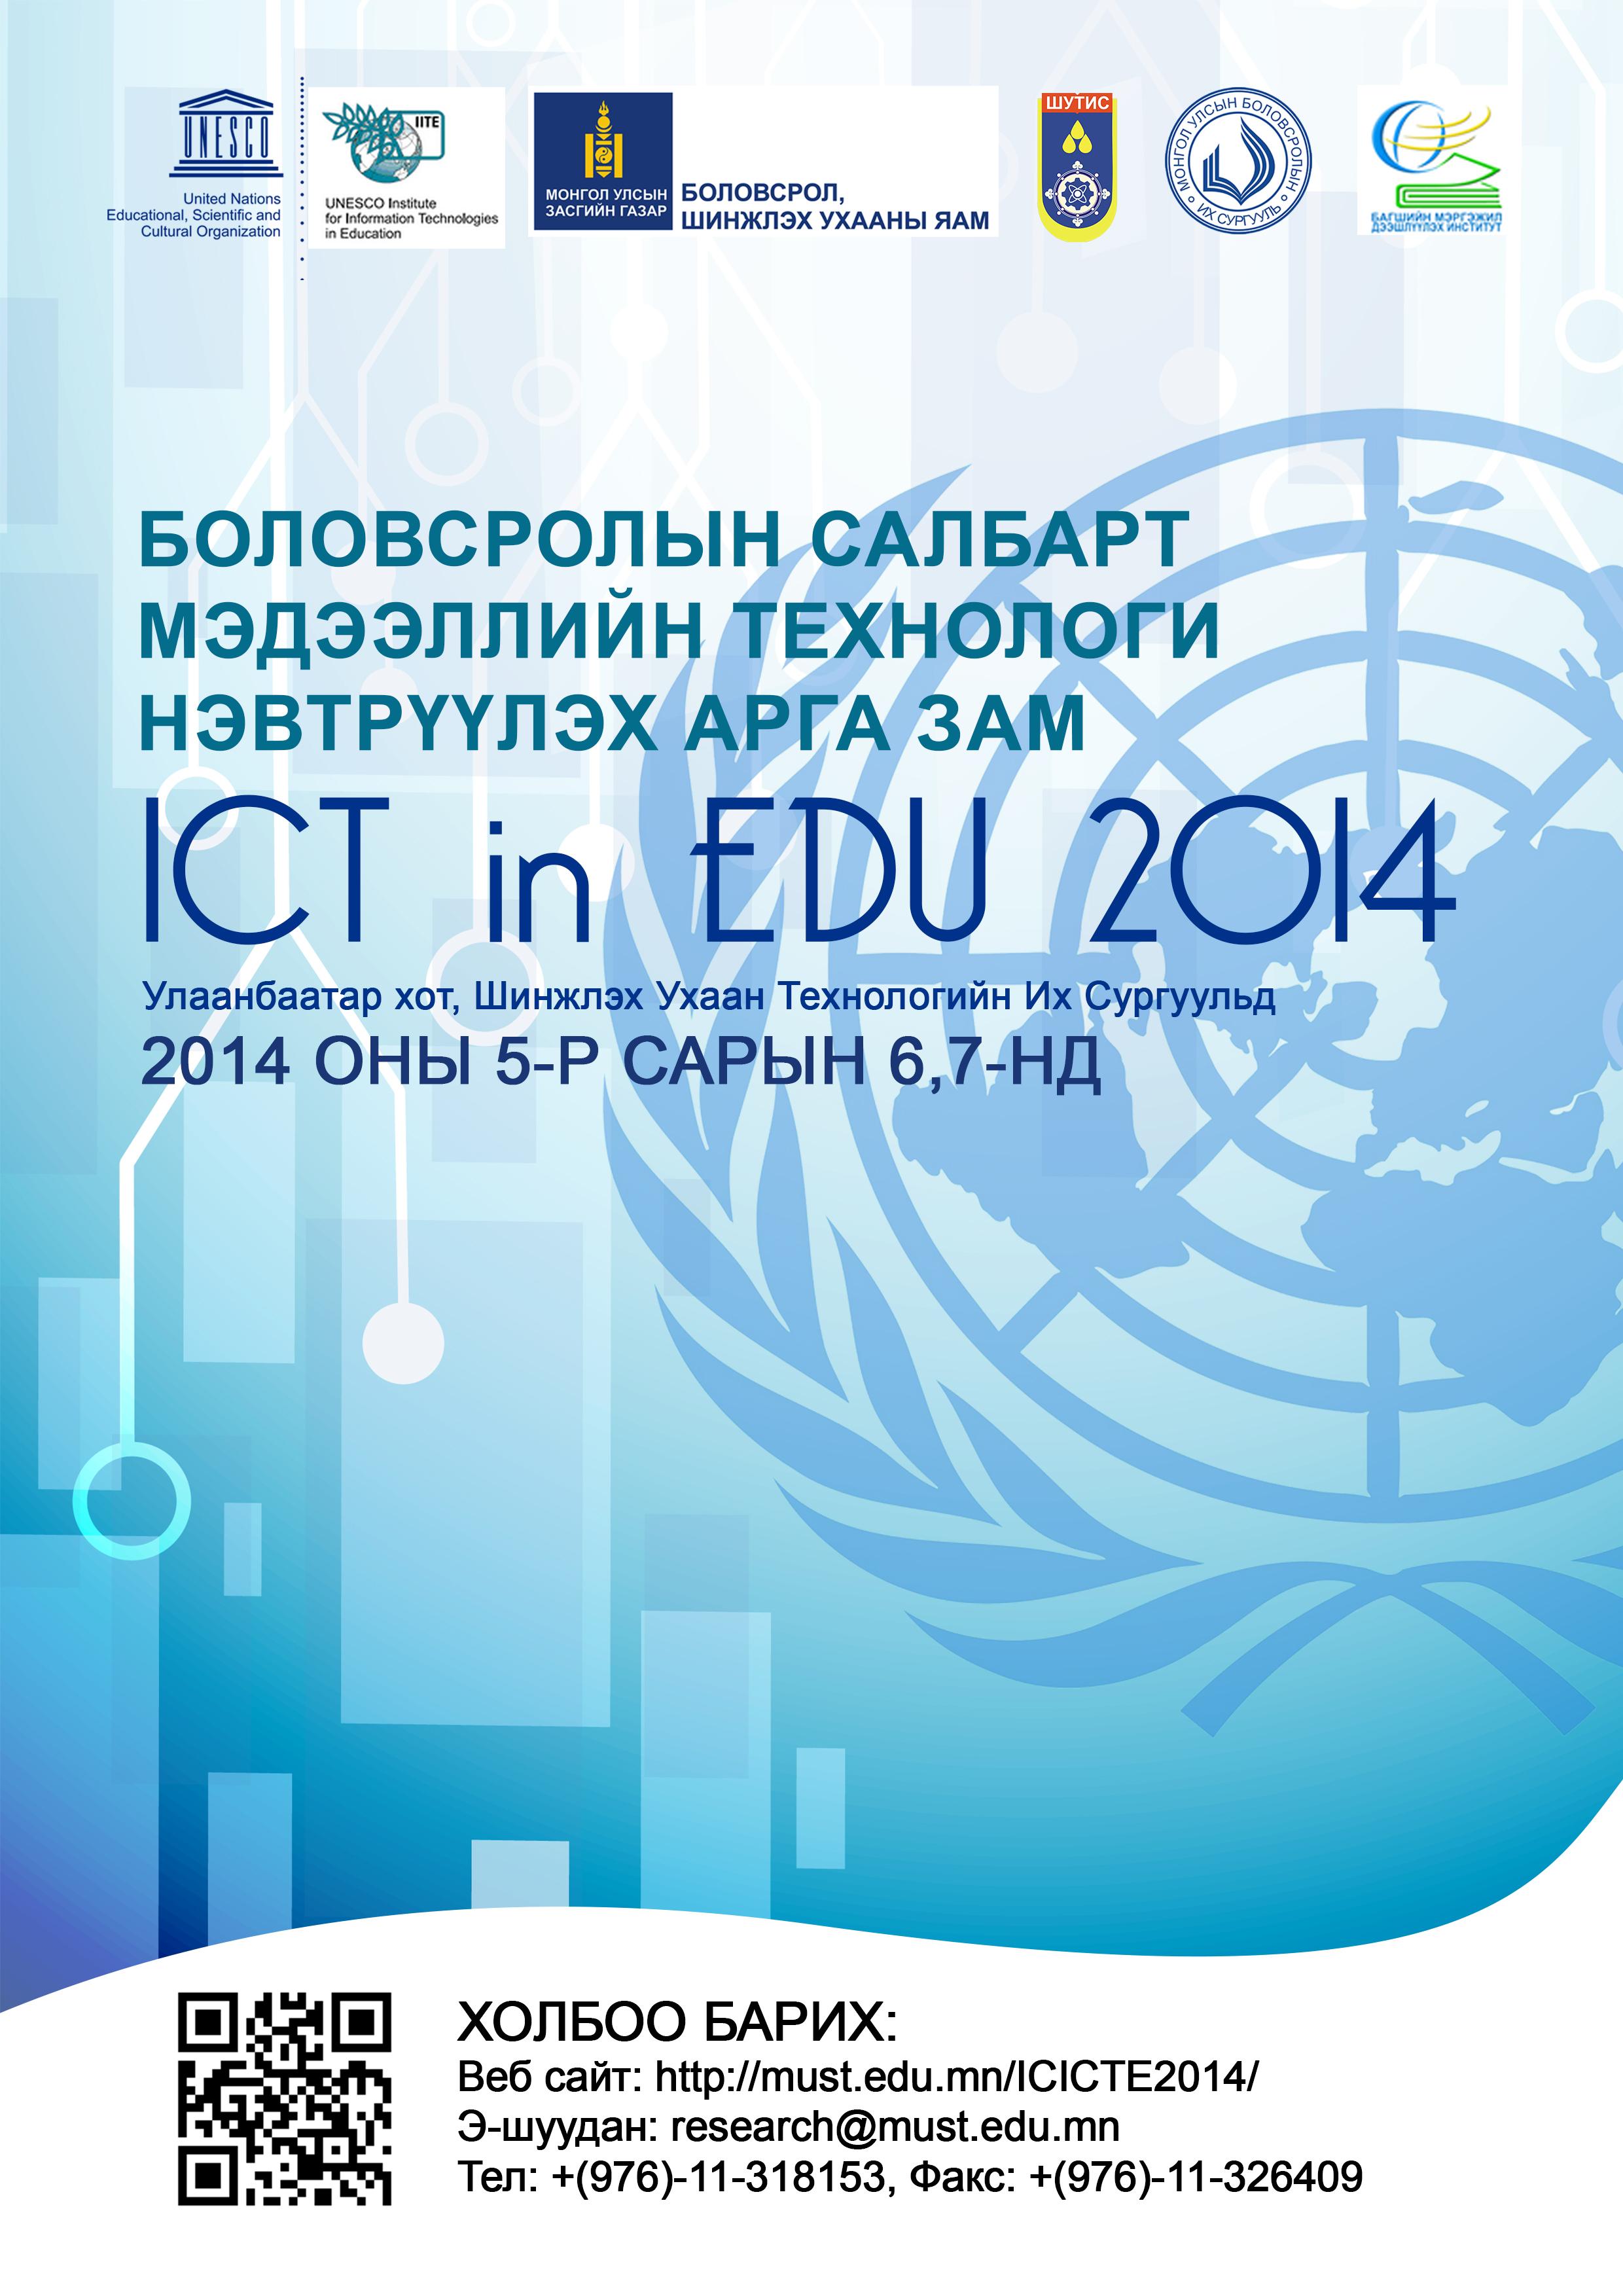 """""""Боловсролын салбарт мэдээллийн технологийг нэврүүлэх арга зам""""  сэдэвт олон улсын хурал 2014 оны 5 дугаар сарын 6,7-нд зохион байгуулагдана."""